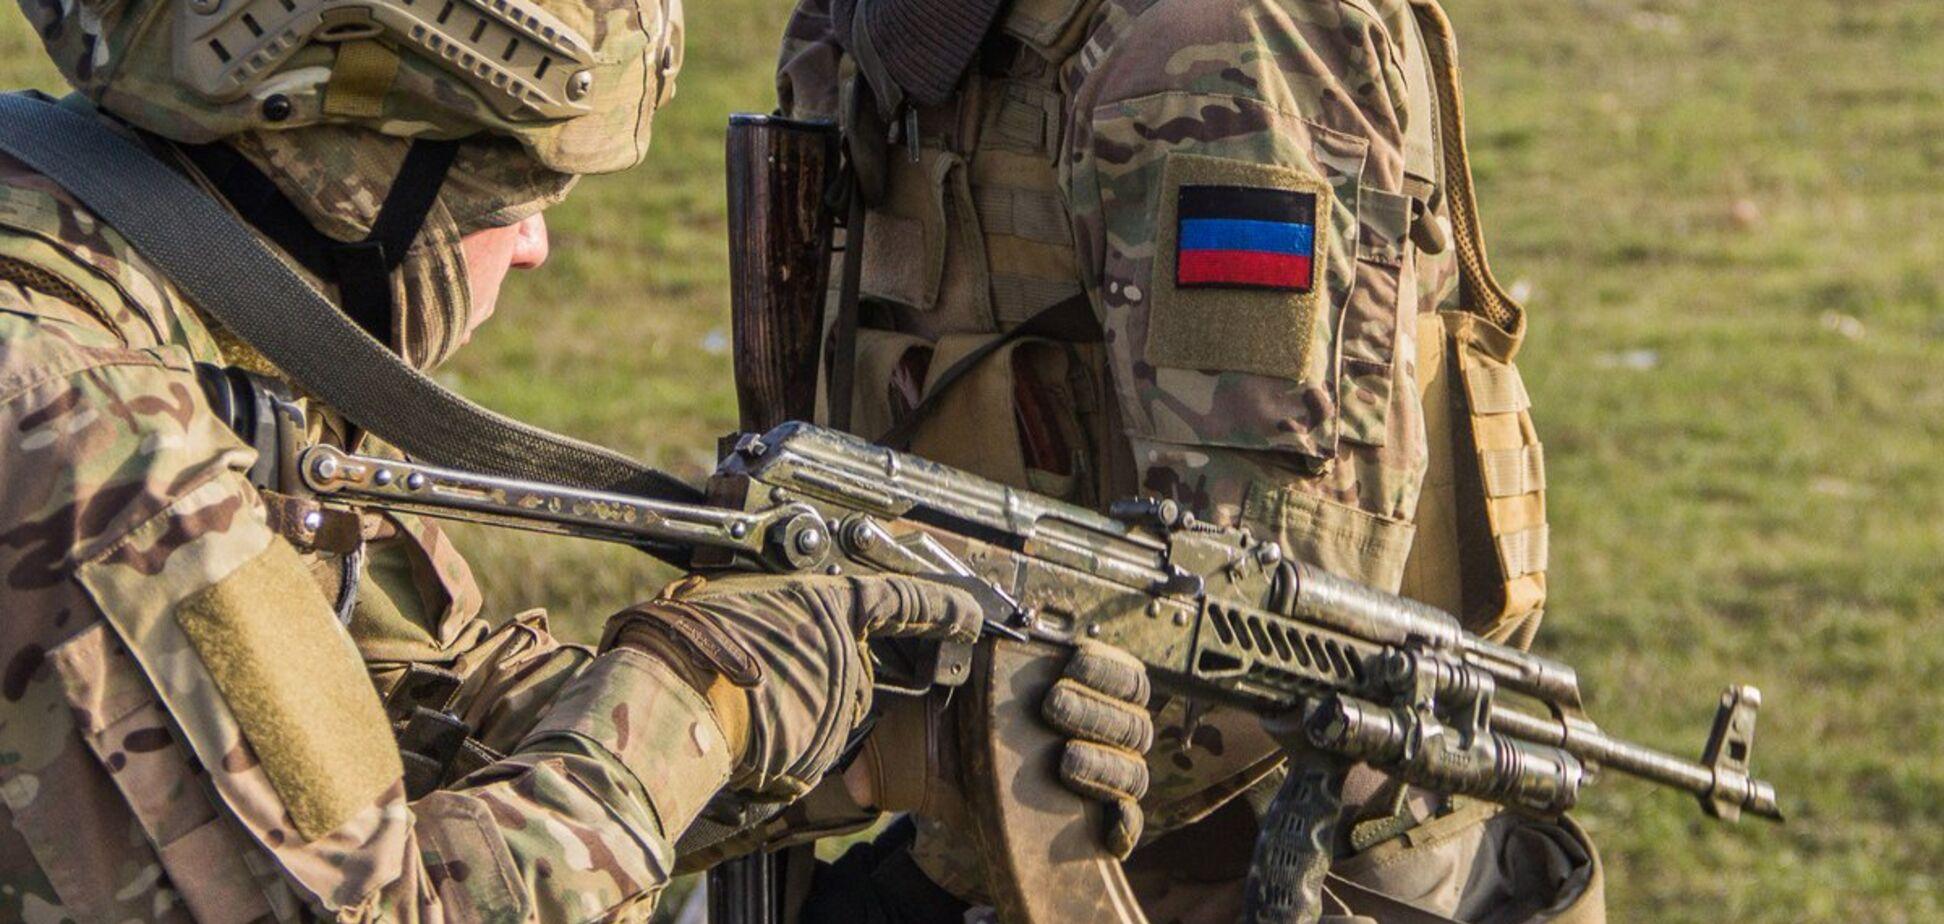 'Вони не можуть нічого': Жданов пояснив можливості 'армій' 'Л/ДНР'